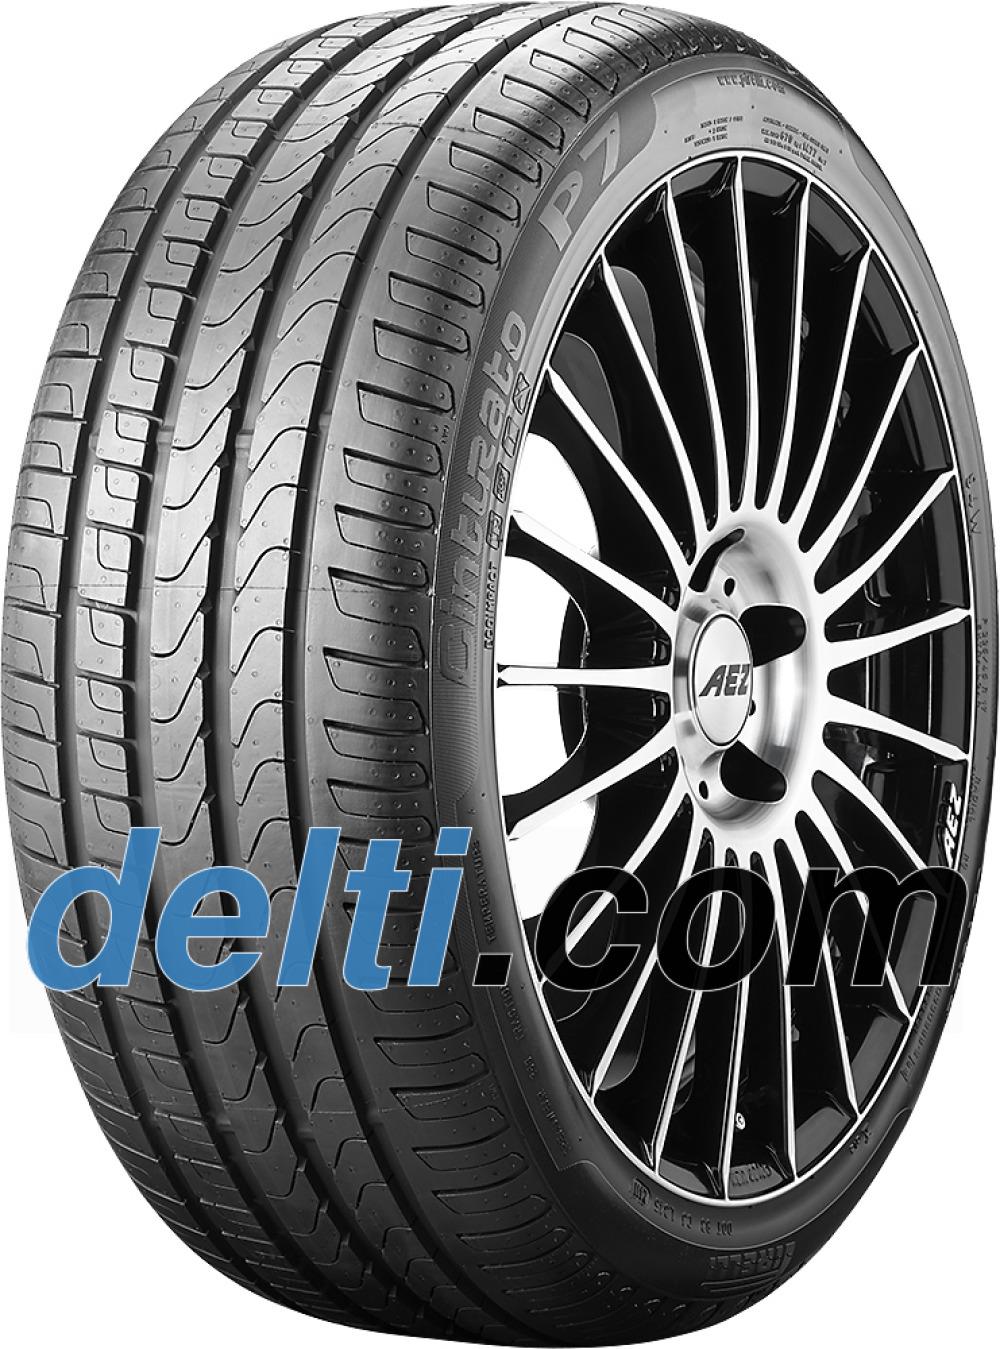 Pirelli Cinturato P7 ( 205/65 R16 95V MO, vannesuojalla (MFS) )